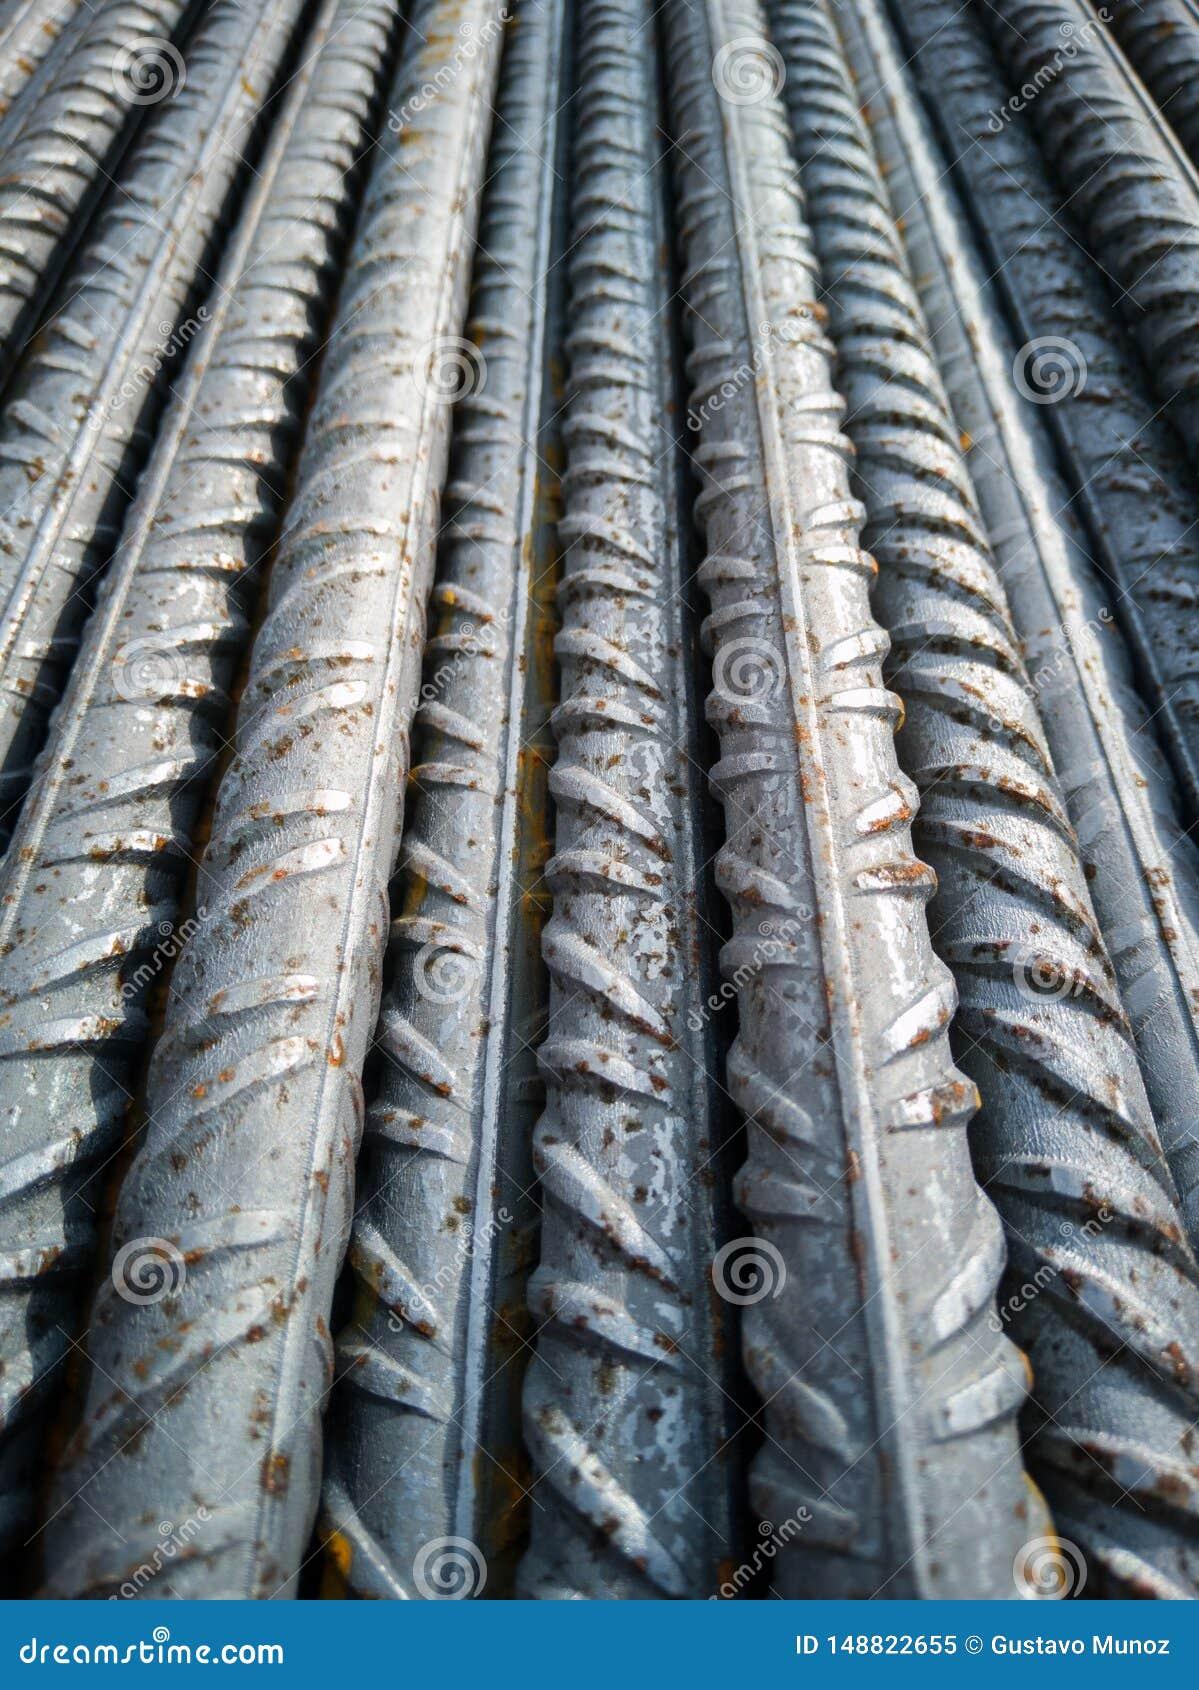 铁棍库存在执行钢筋混凝土的工地工作